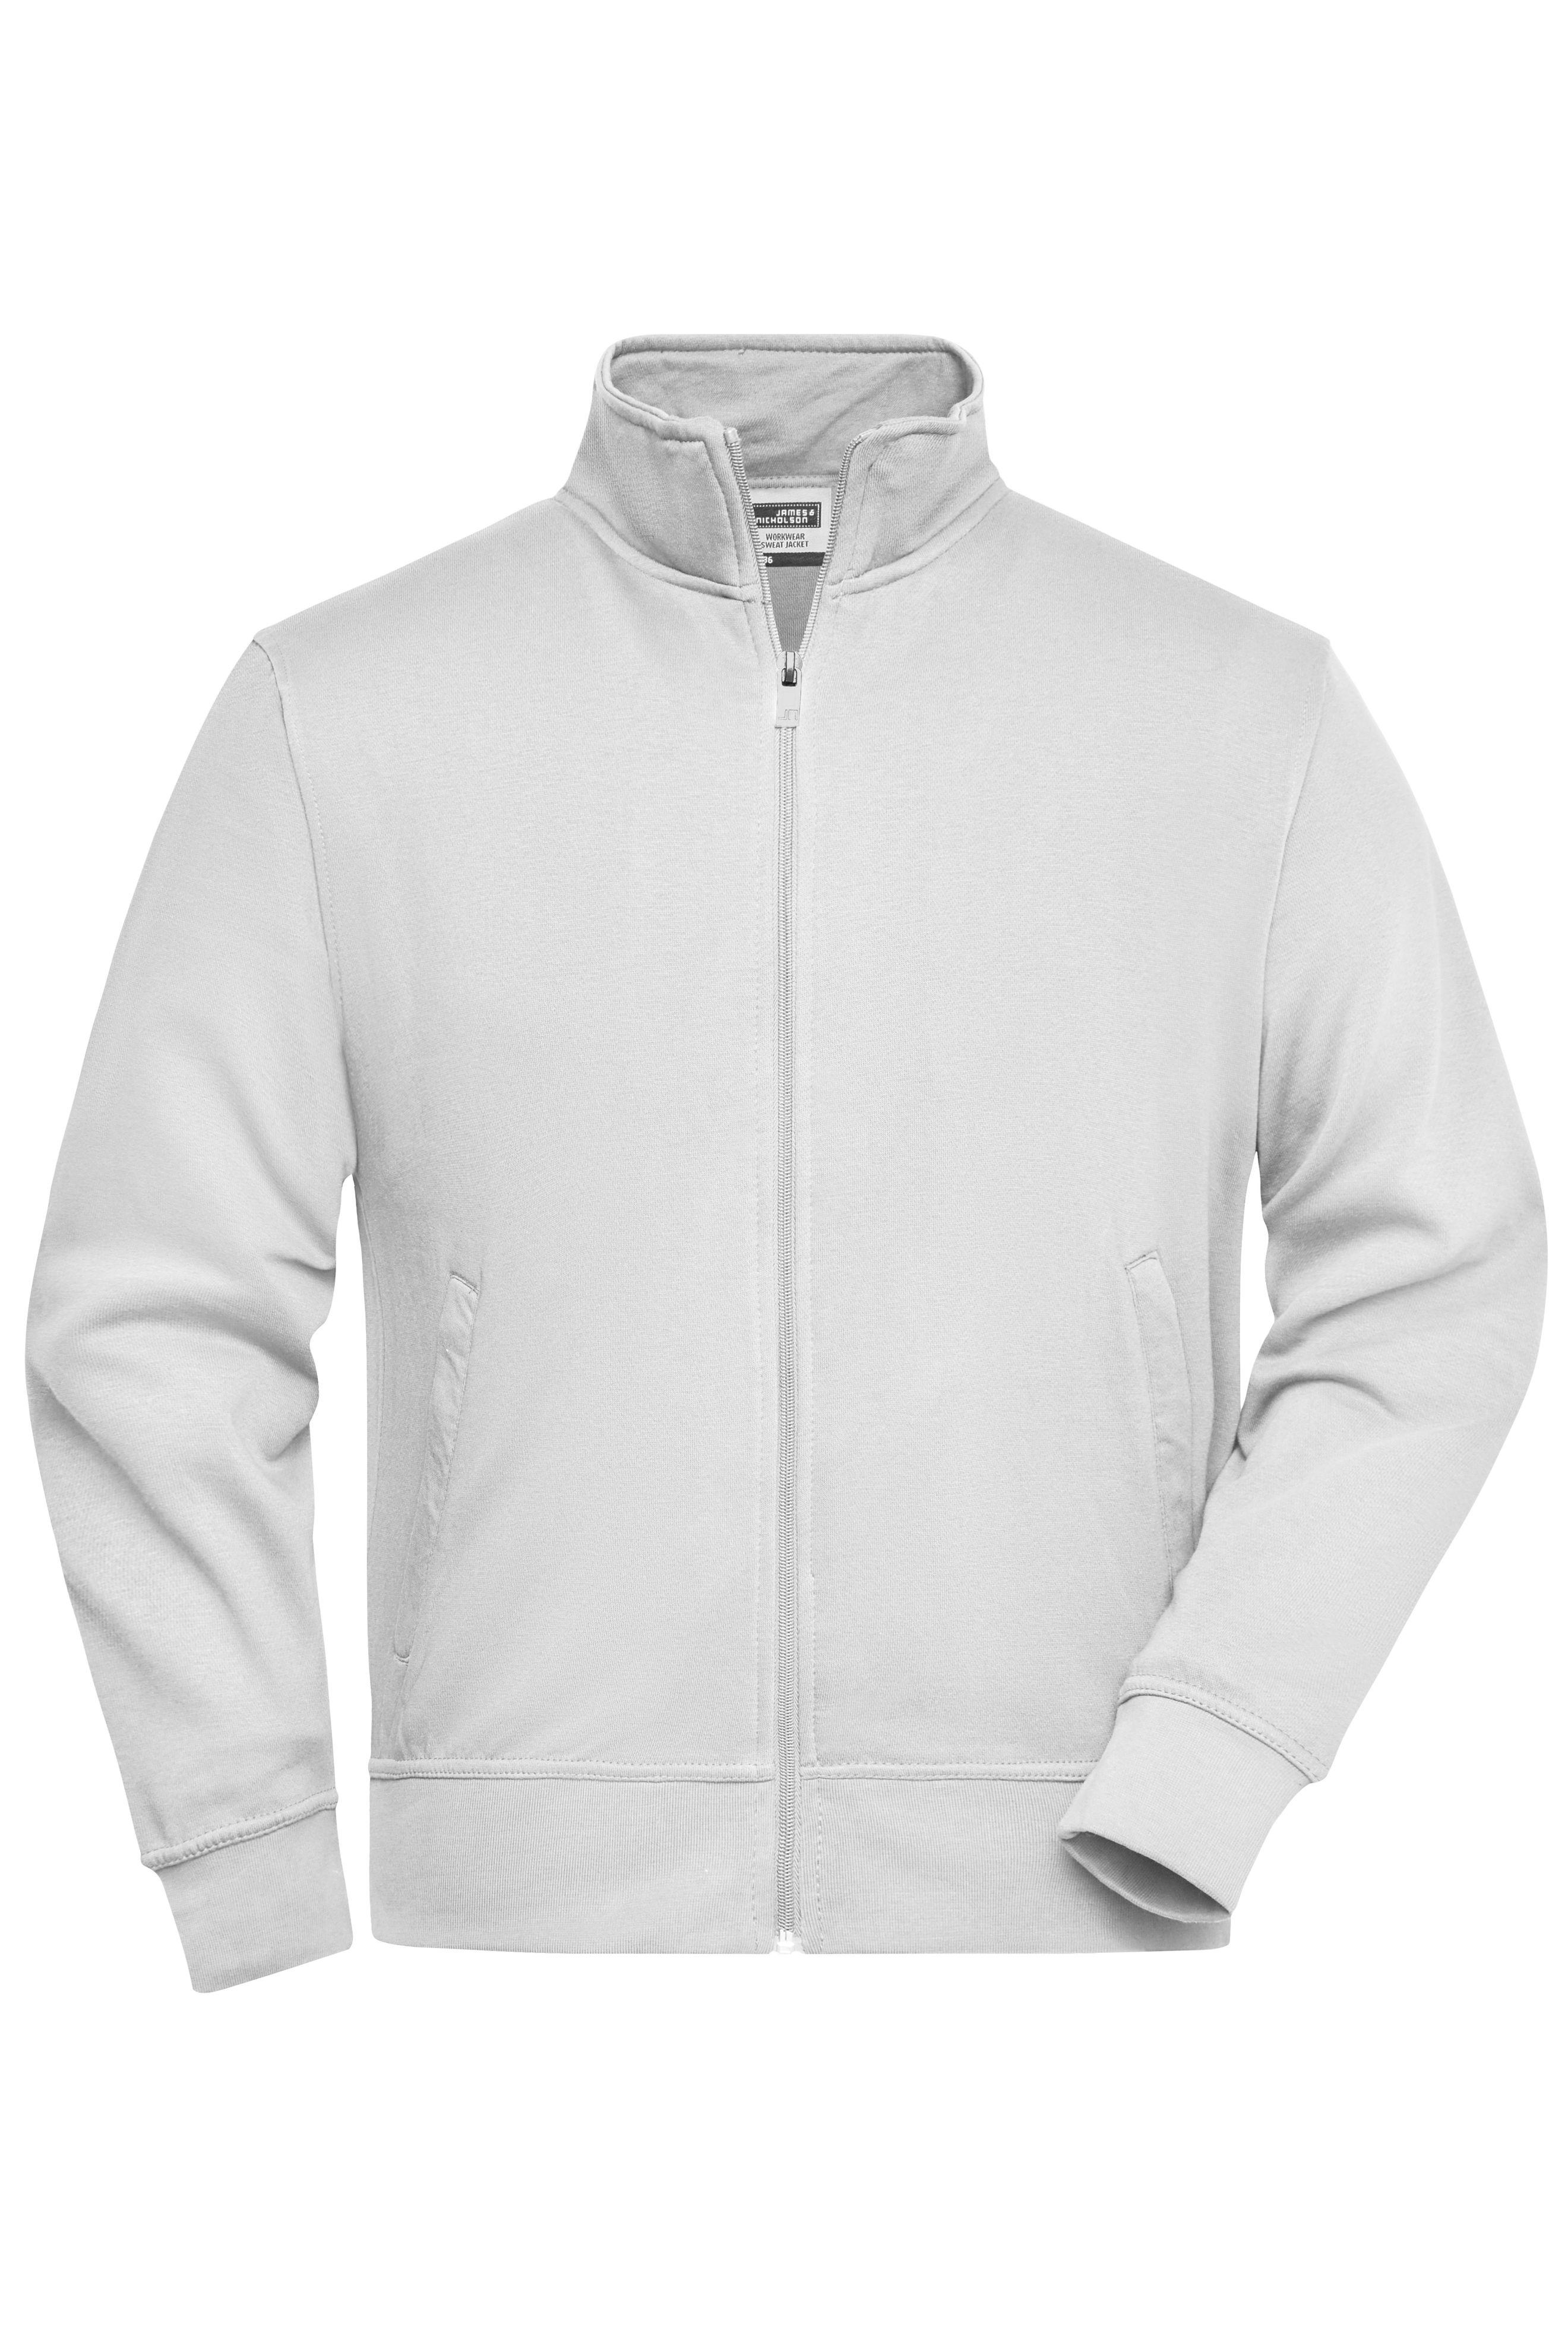 Sweat-Jacke mit Stehkragen und Reißverschluss